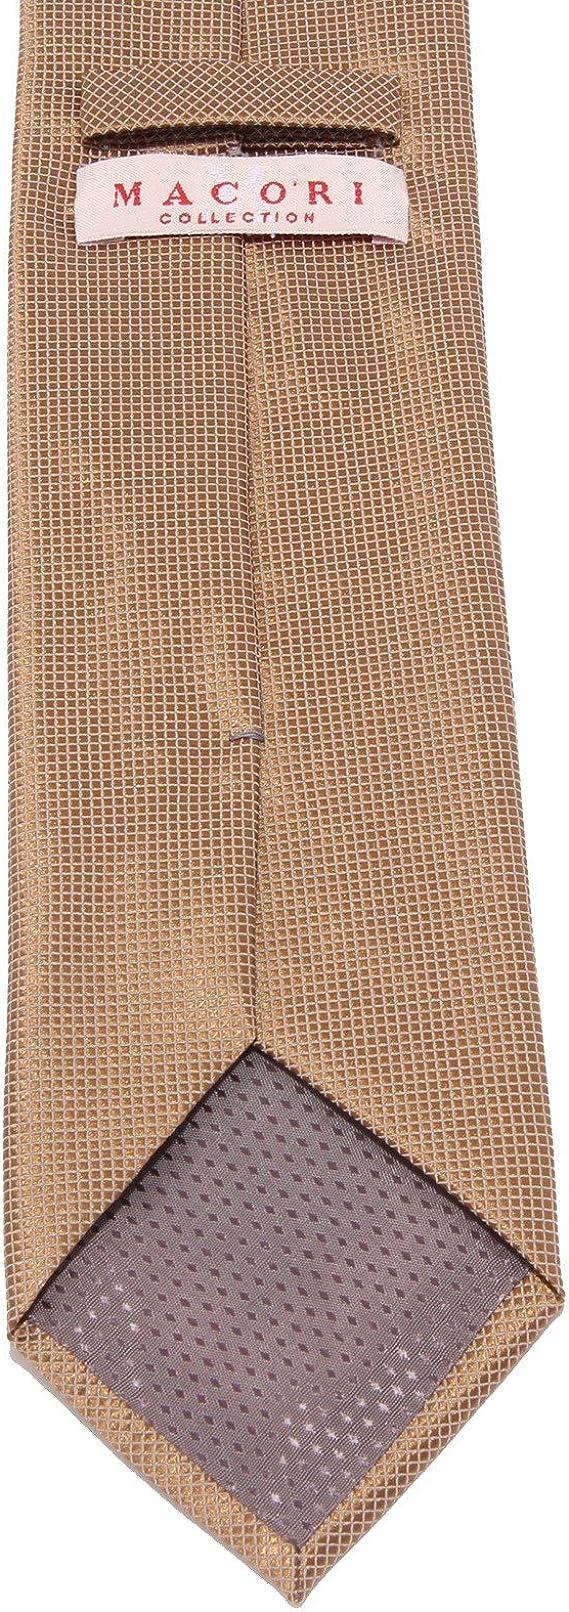 MACORI 8871W cravatta uomo COLLECTION silk brown tie men [ONE SIZE ...